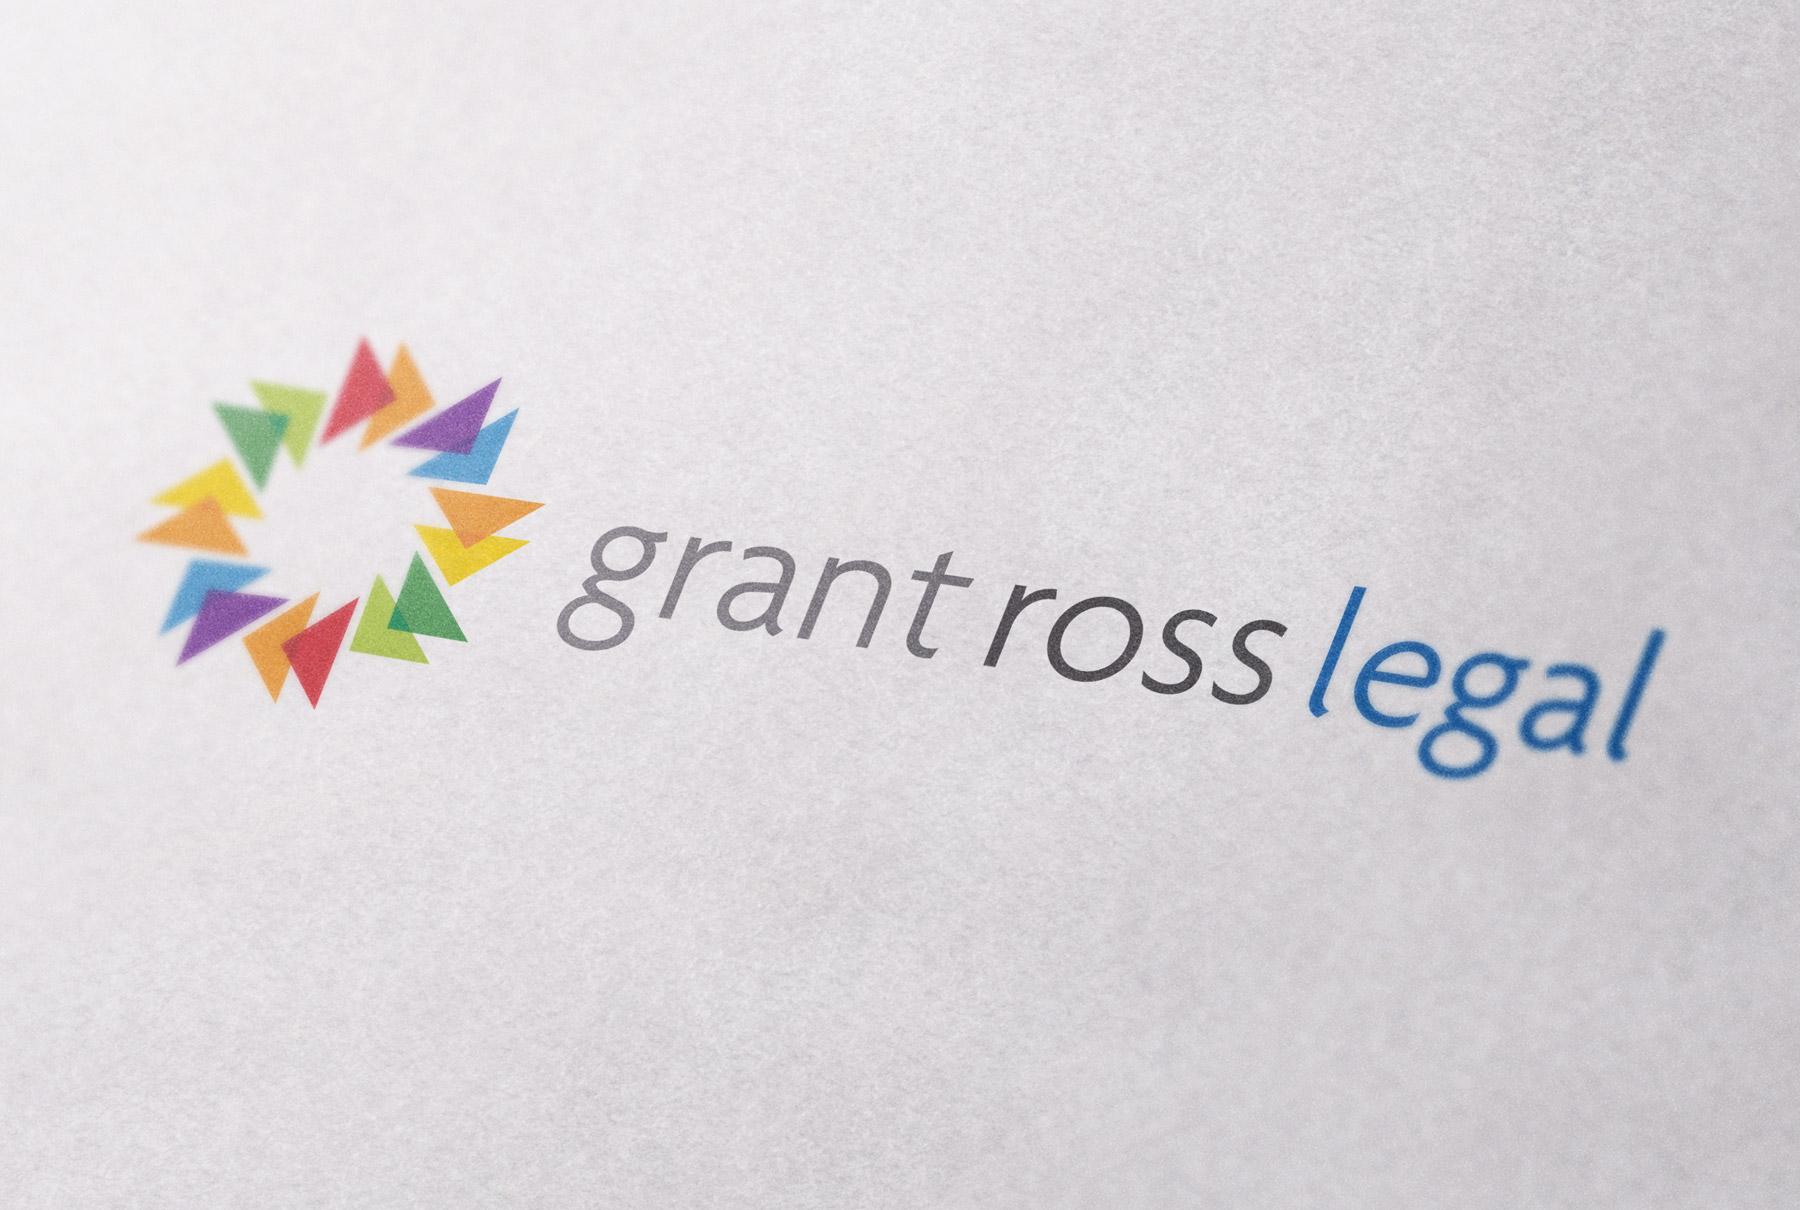 Grant Ross Legal Logo